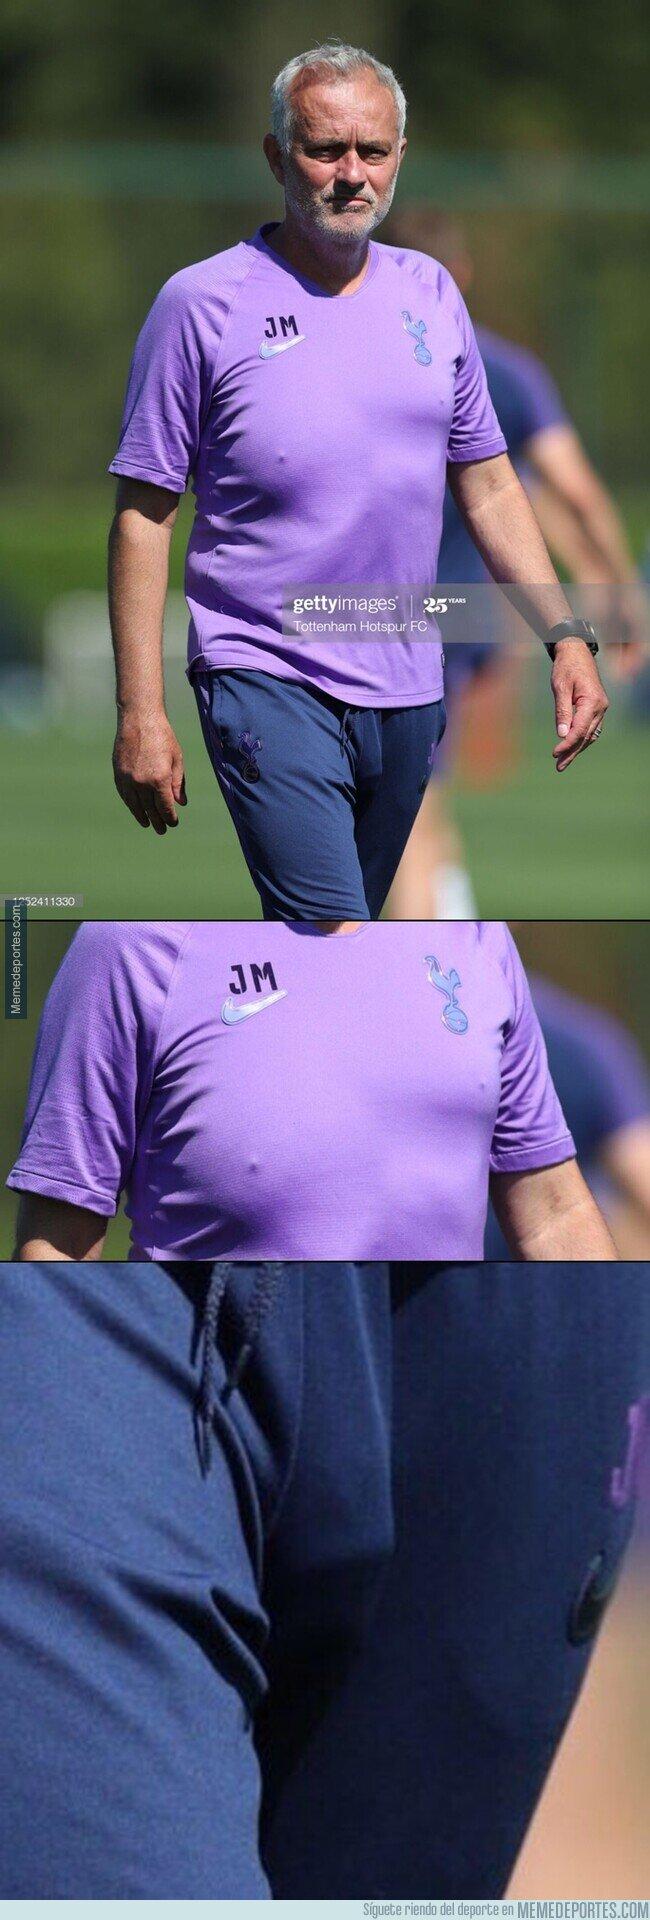 1108470 - Mourinho, ya no uses más ropa ceñida